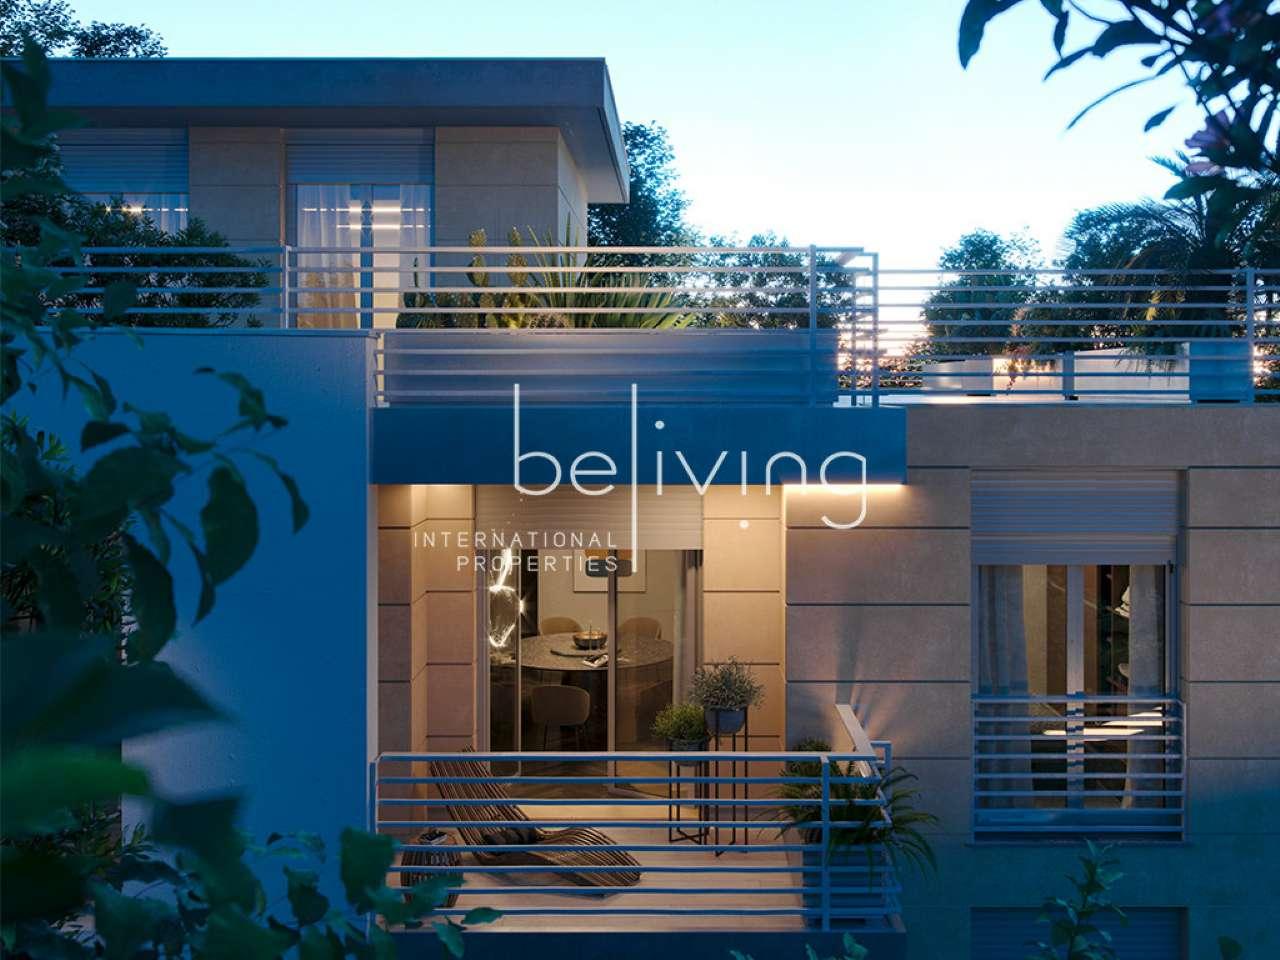 Appartamento in vendita a Roma, 1 locali, zona Zona: 25 . Trastevere - Testaccio, prezzo € 302.000 | CambioCasa.it